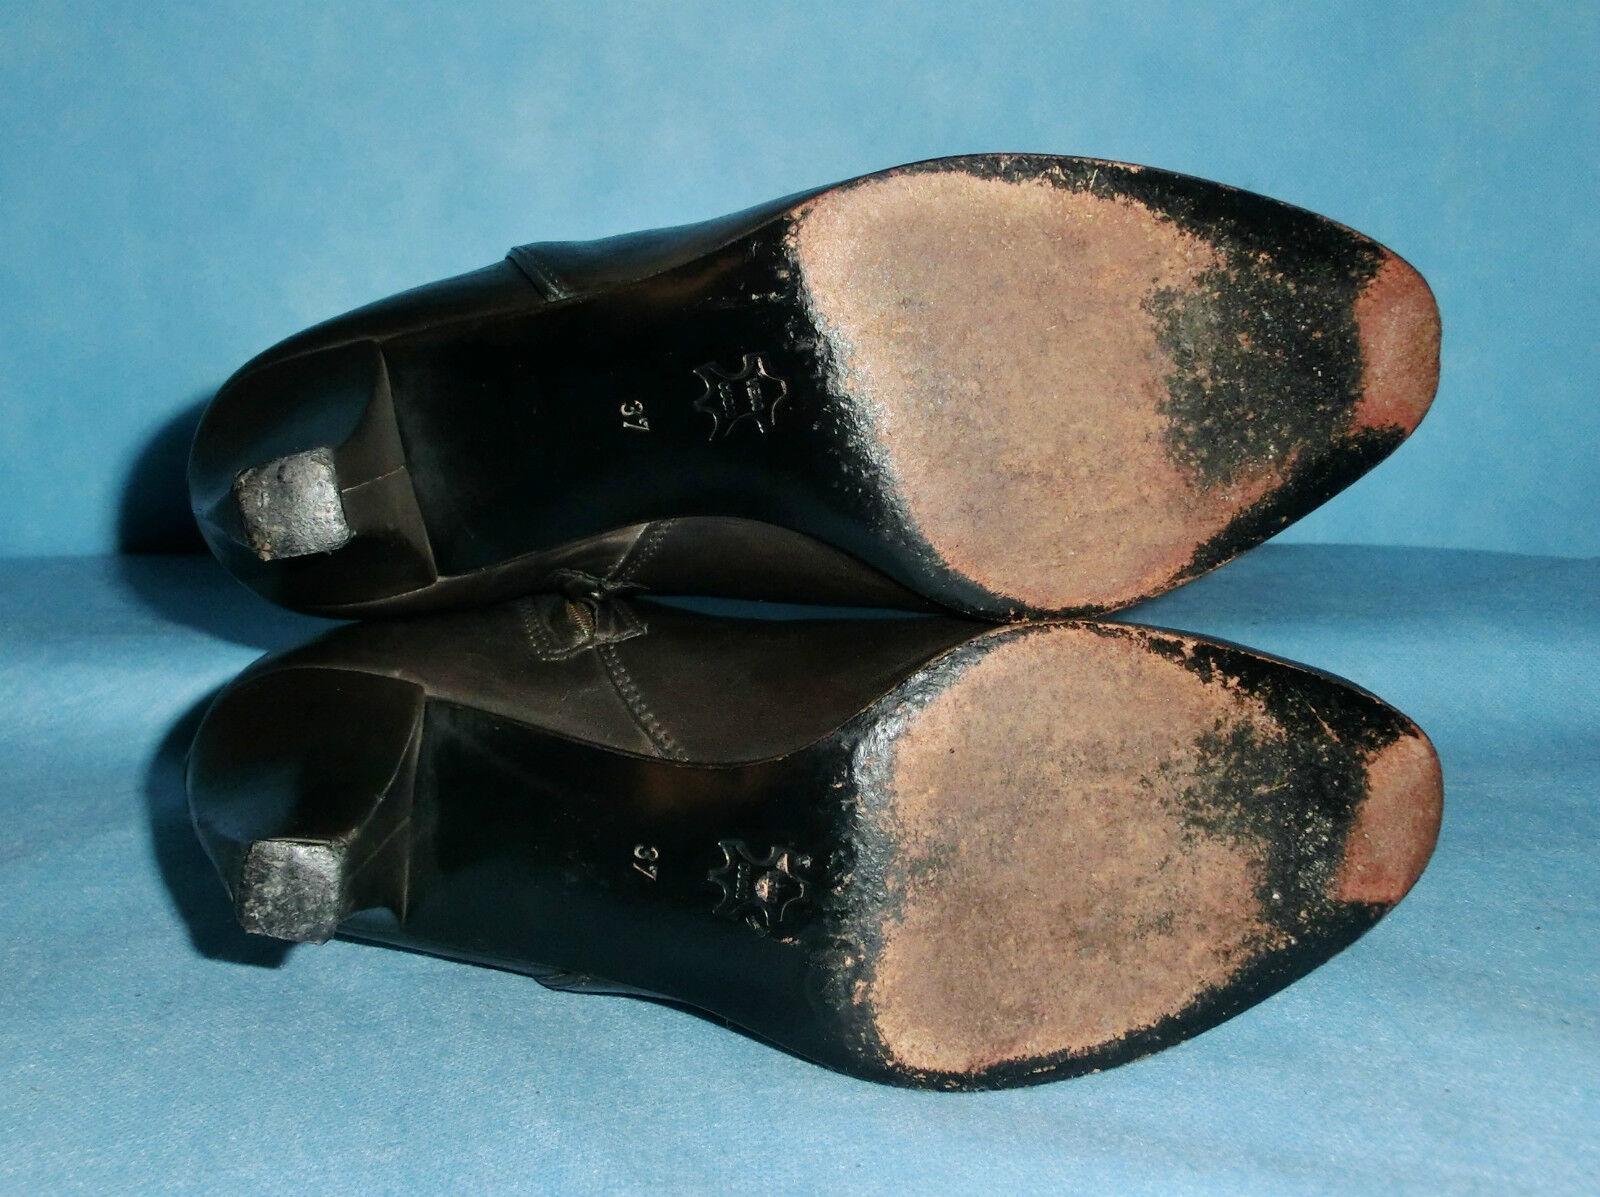 Stiefel Stiefeletten 100% QUELQUES Schuhe DE PLUS 100% Stiefeletten cuir p 37 fr f15013